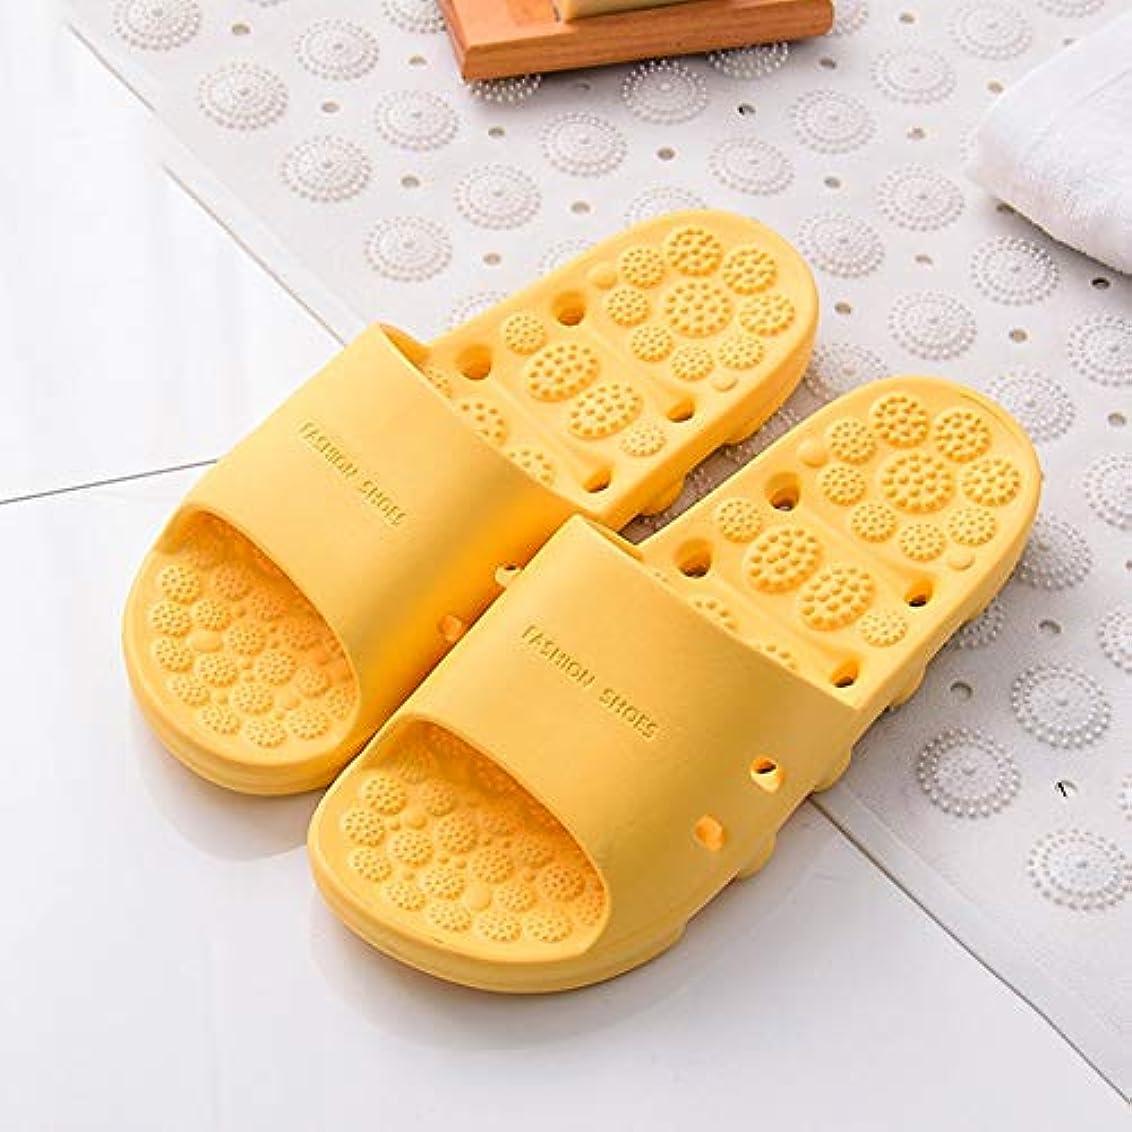 束忌み嫌う宿題マッサージスリッパ厚い底中空速乾性滑り止め足の筋膜炎の足のツボマッサージ健康マッサージの靴夏のバスルームのスリッパ